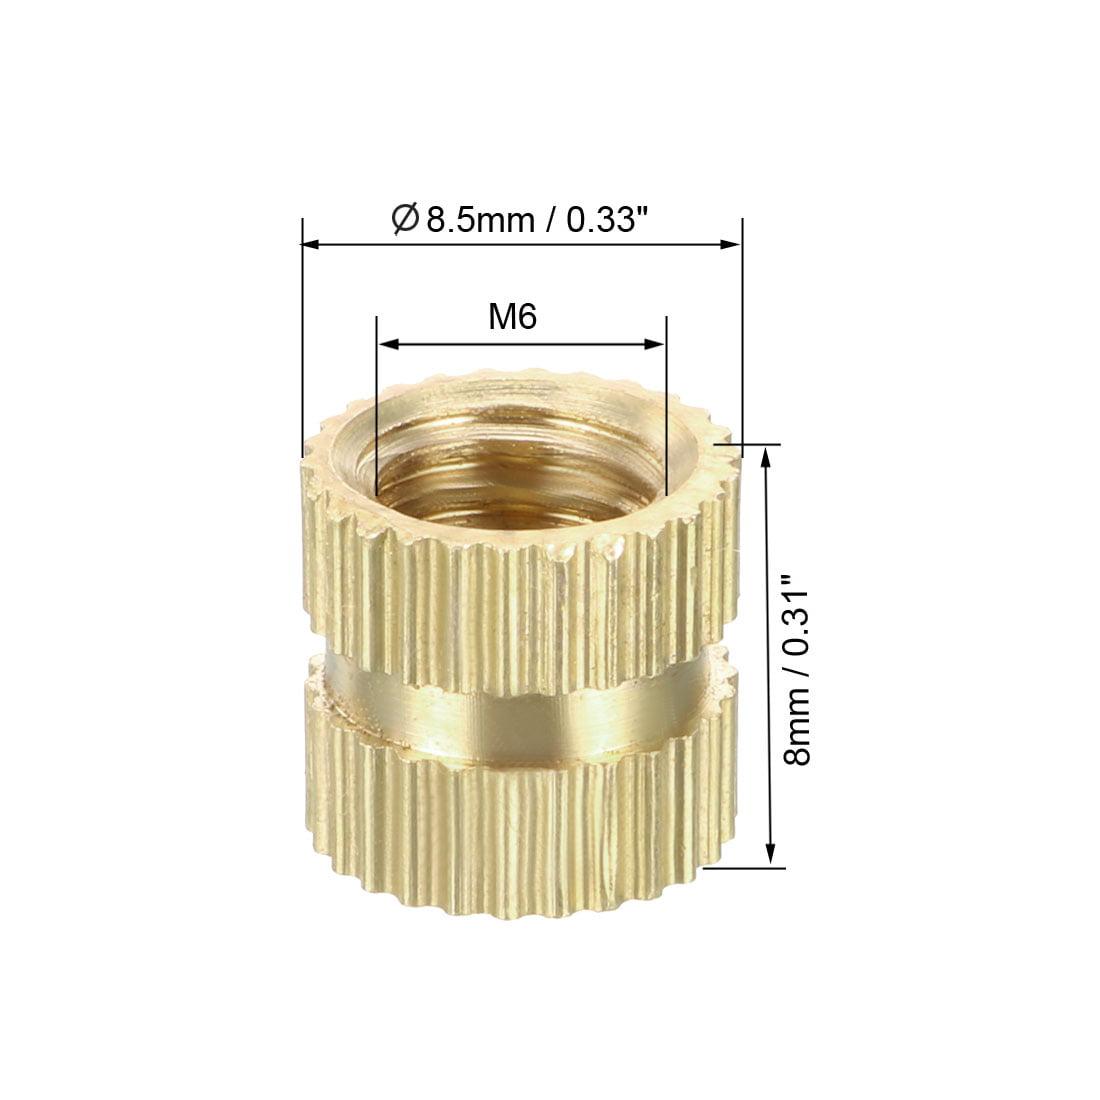 M6 x 8mm(L) x 8.5mm(OD) Brass Knurled Threaded Insert Embedment Nuts, 100 Pcs - image 1 de 3